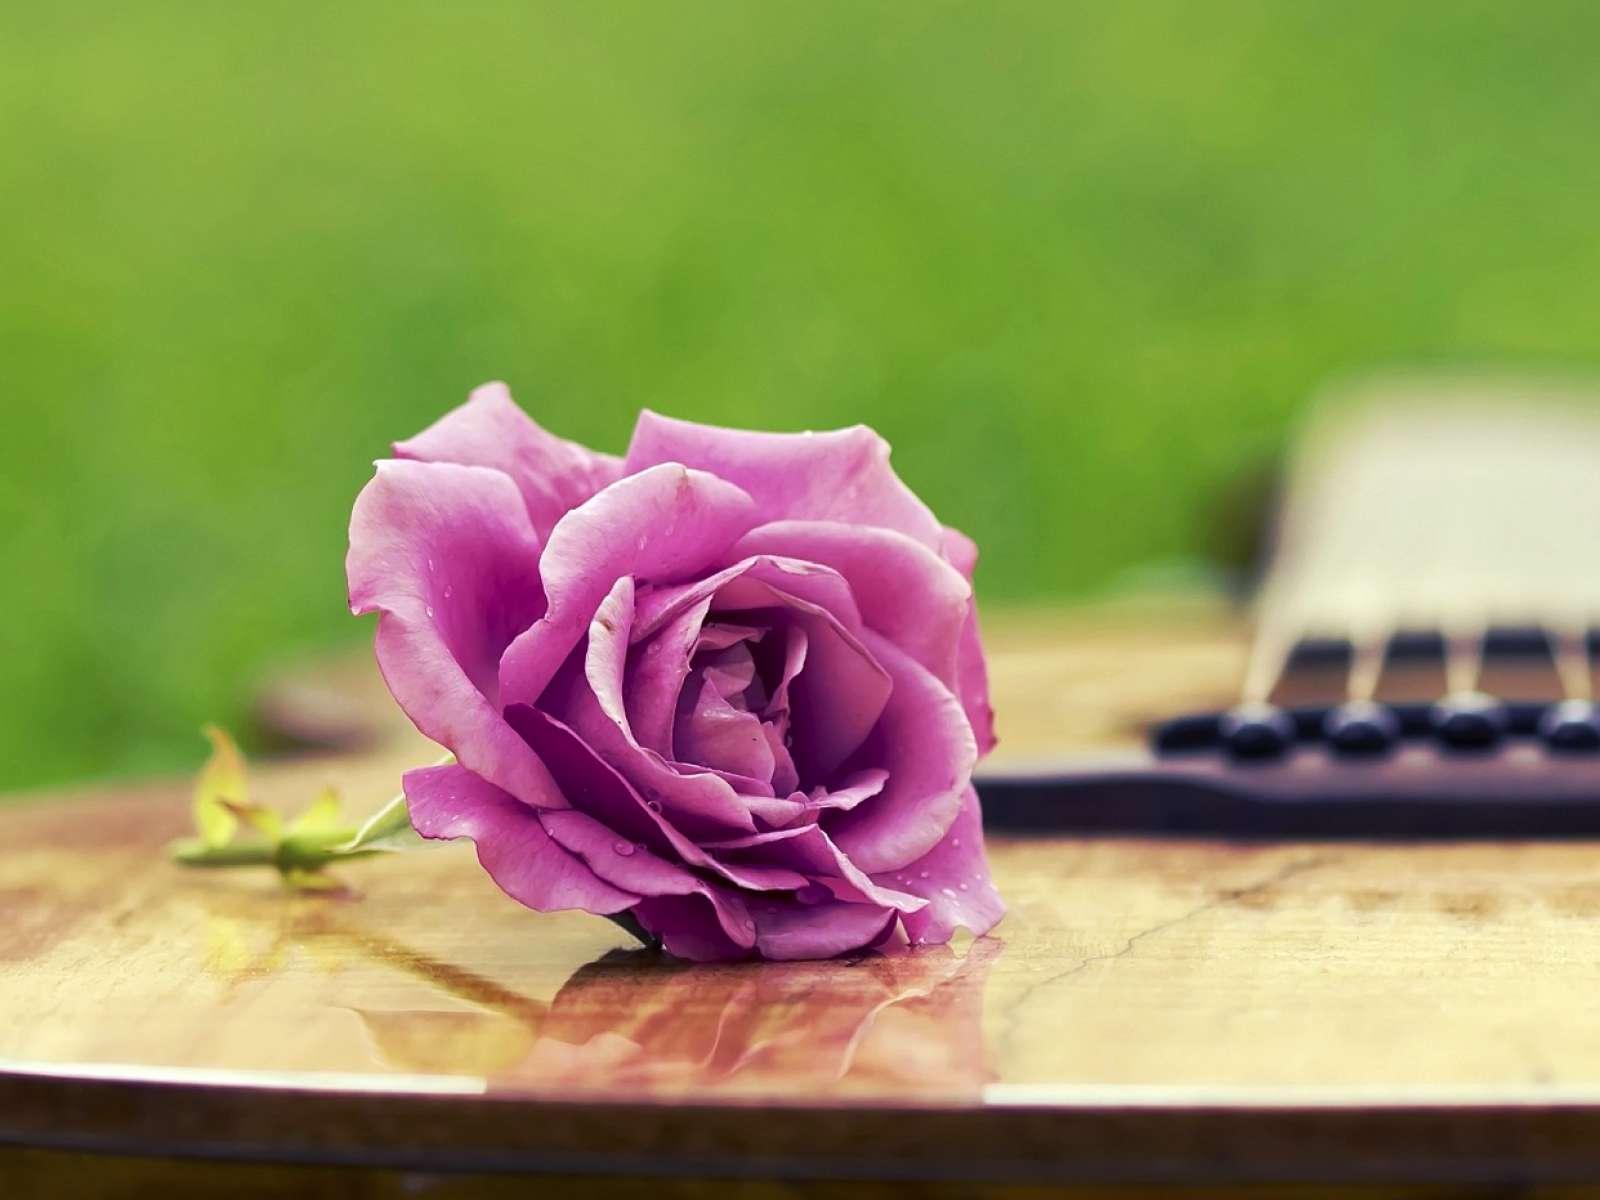 گل رز بنفش گنجینه تصاویر تبيان